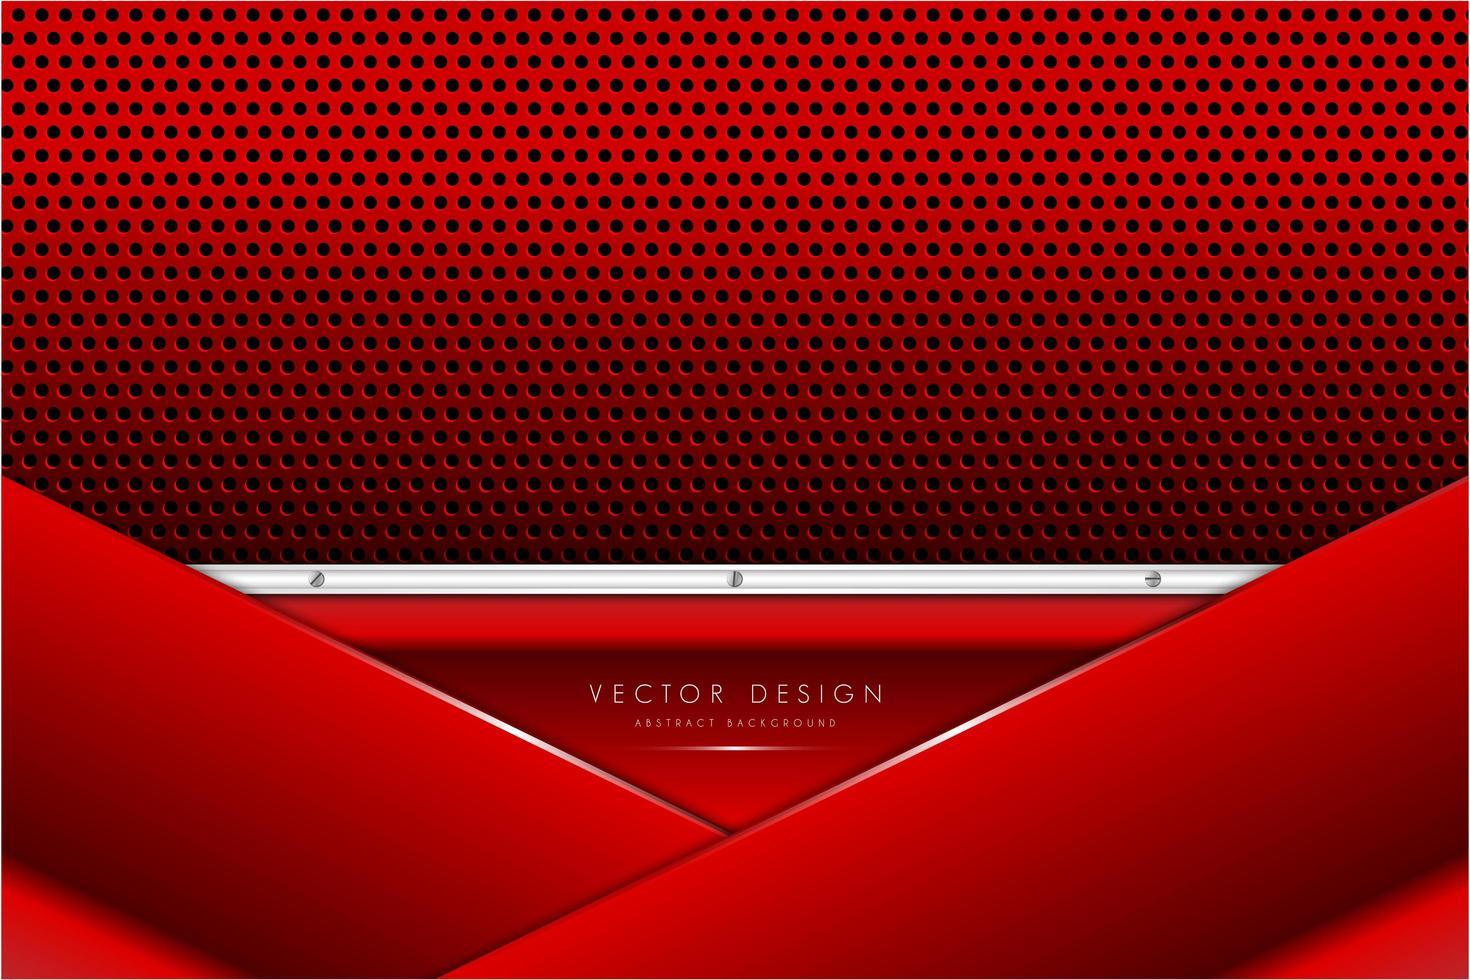 panneaux rouges et argent métalliques avec texture en fibre de carbone vecteur